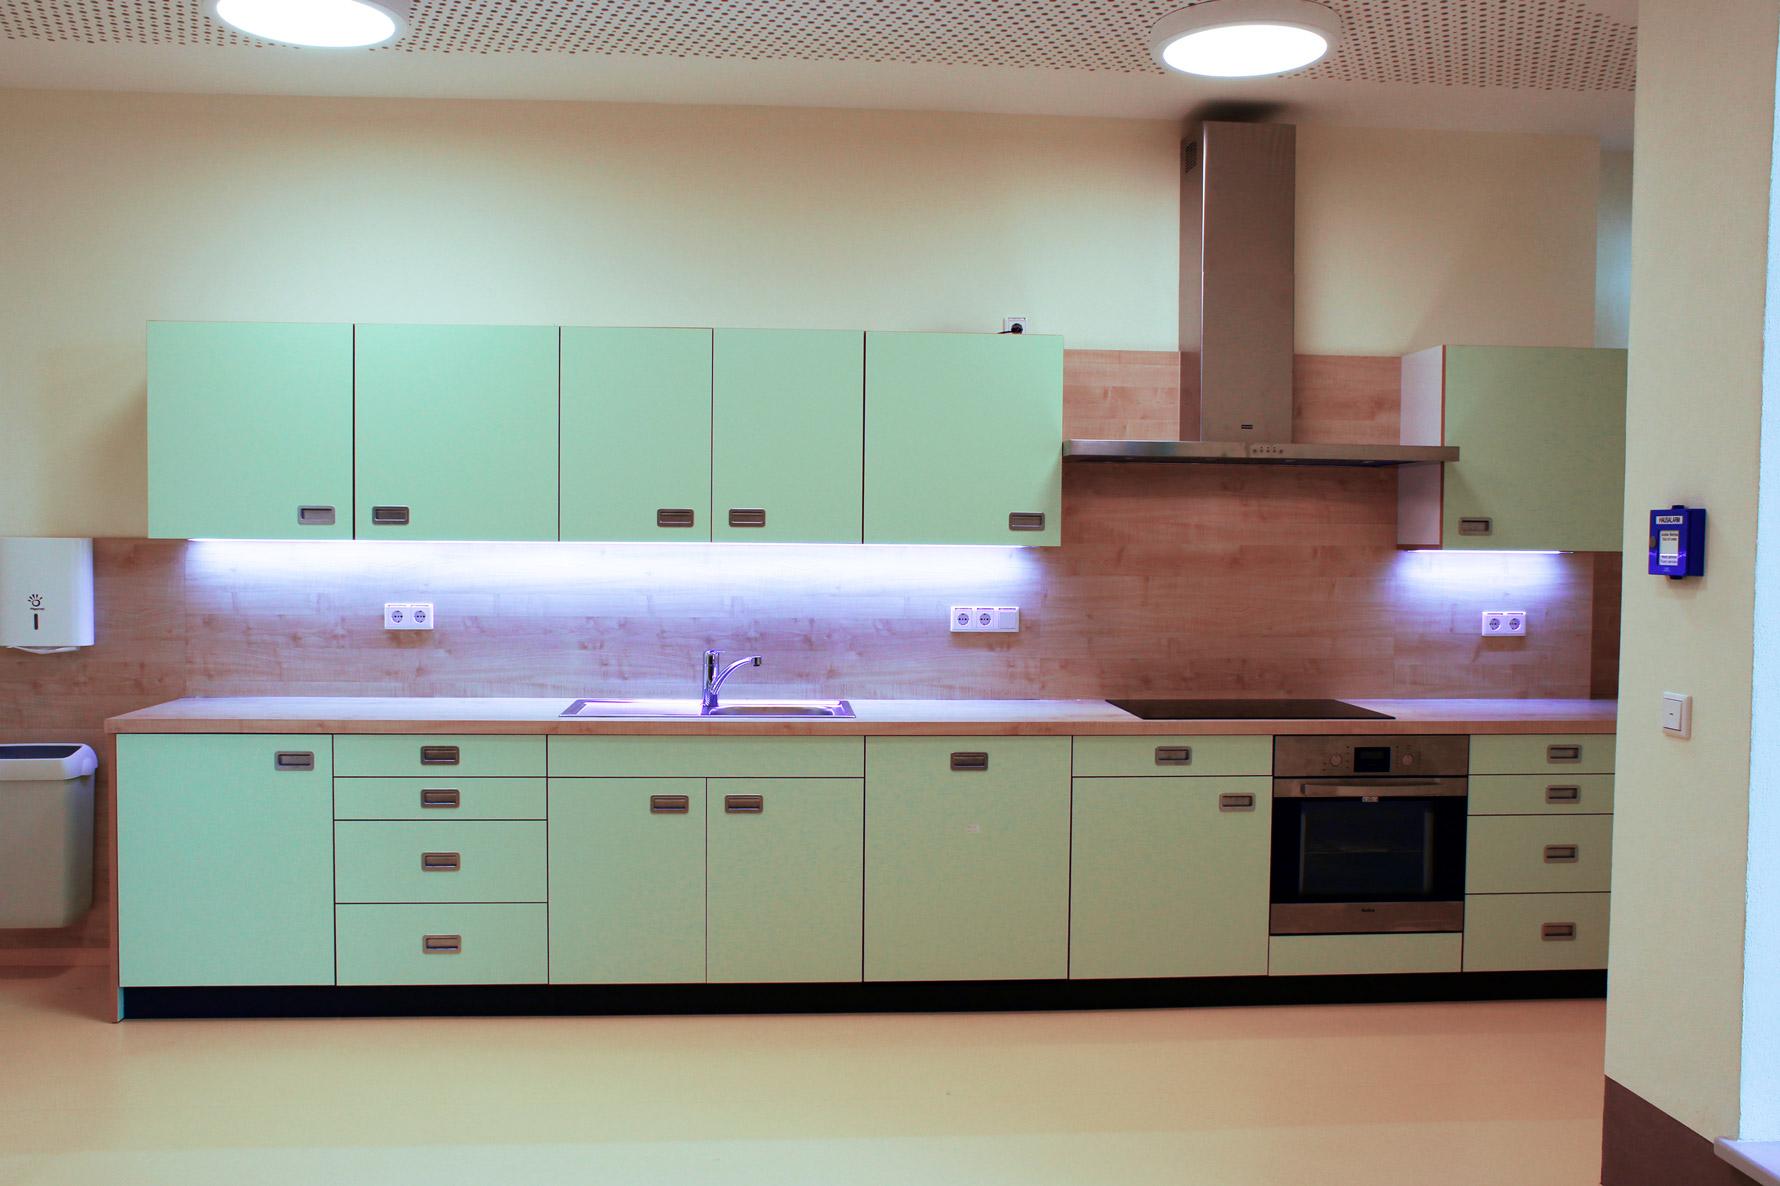 Einbauküche komplett - Arbeit der Möbeltischlerei Holzwerkstatt Trommer